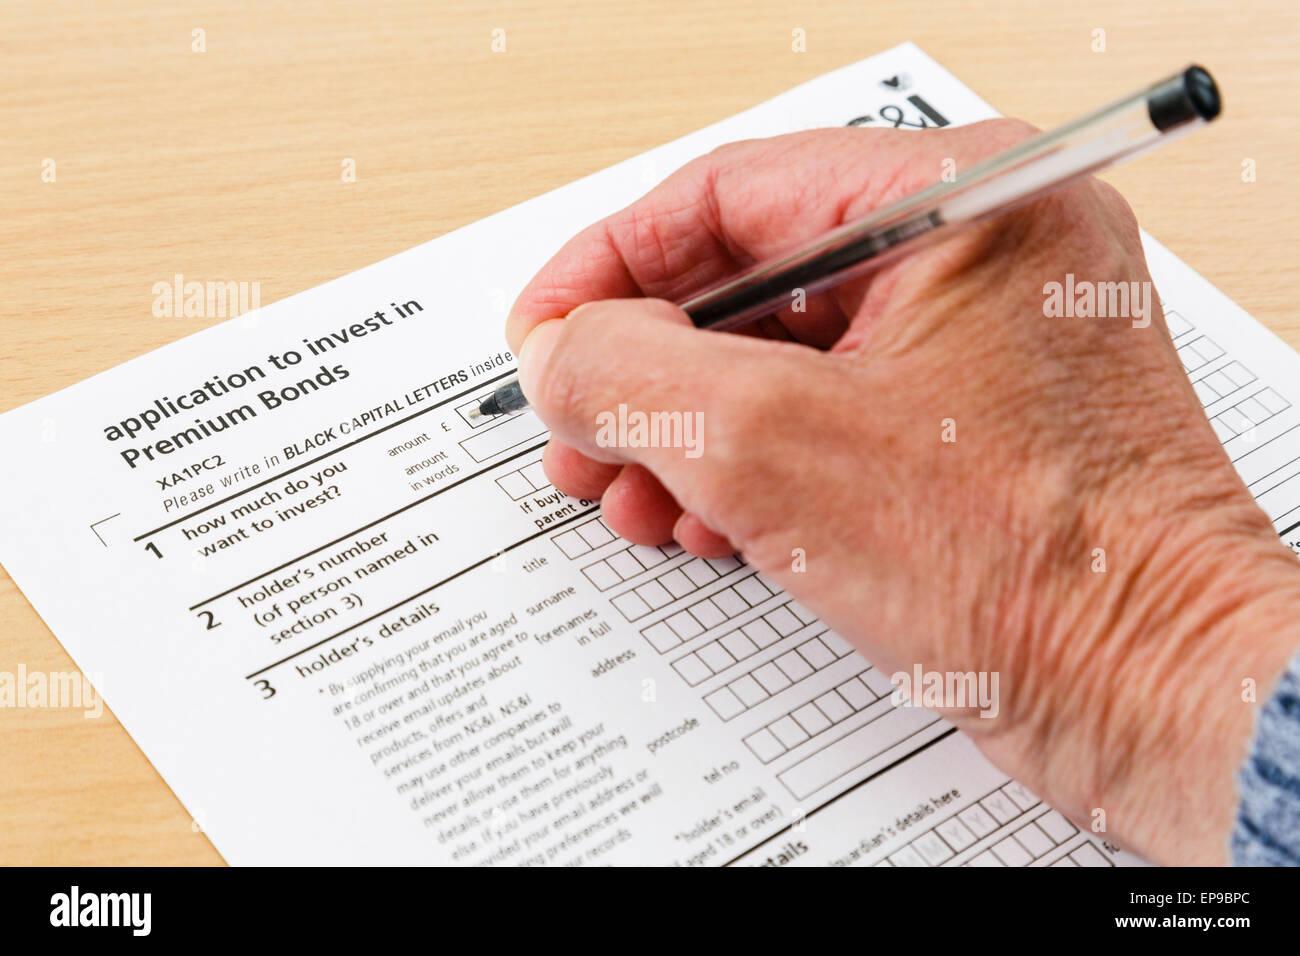 Ancianos ricos altos pensionista rellenar un formulario de solicitud para comprar las inversiones en bonos premium. Imagen De Stock